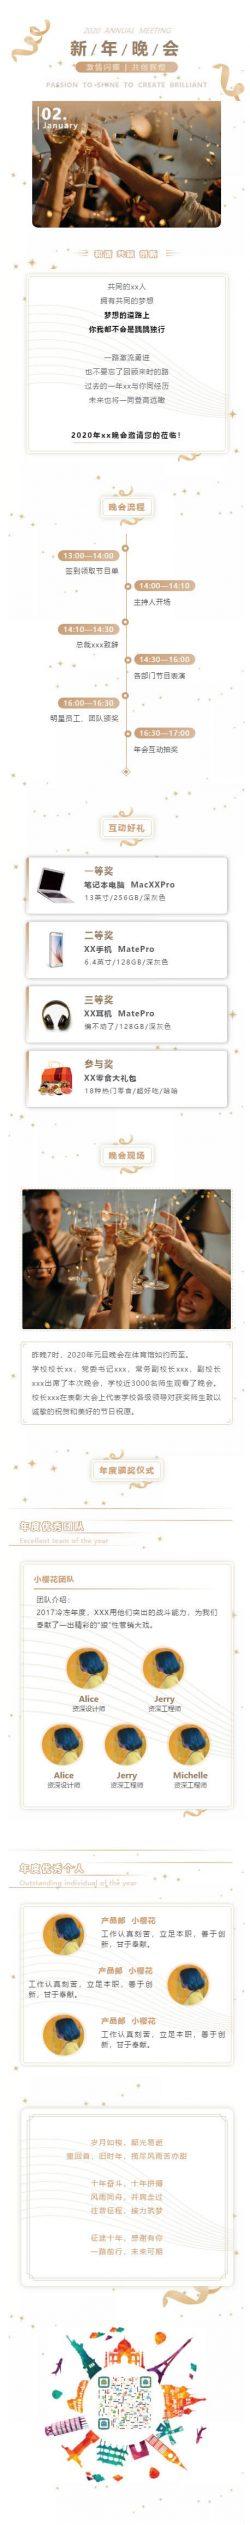 新年晚会简约喜庆风格模板微信公众号推文图文推送素材年会